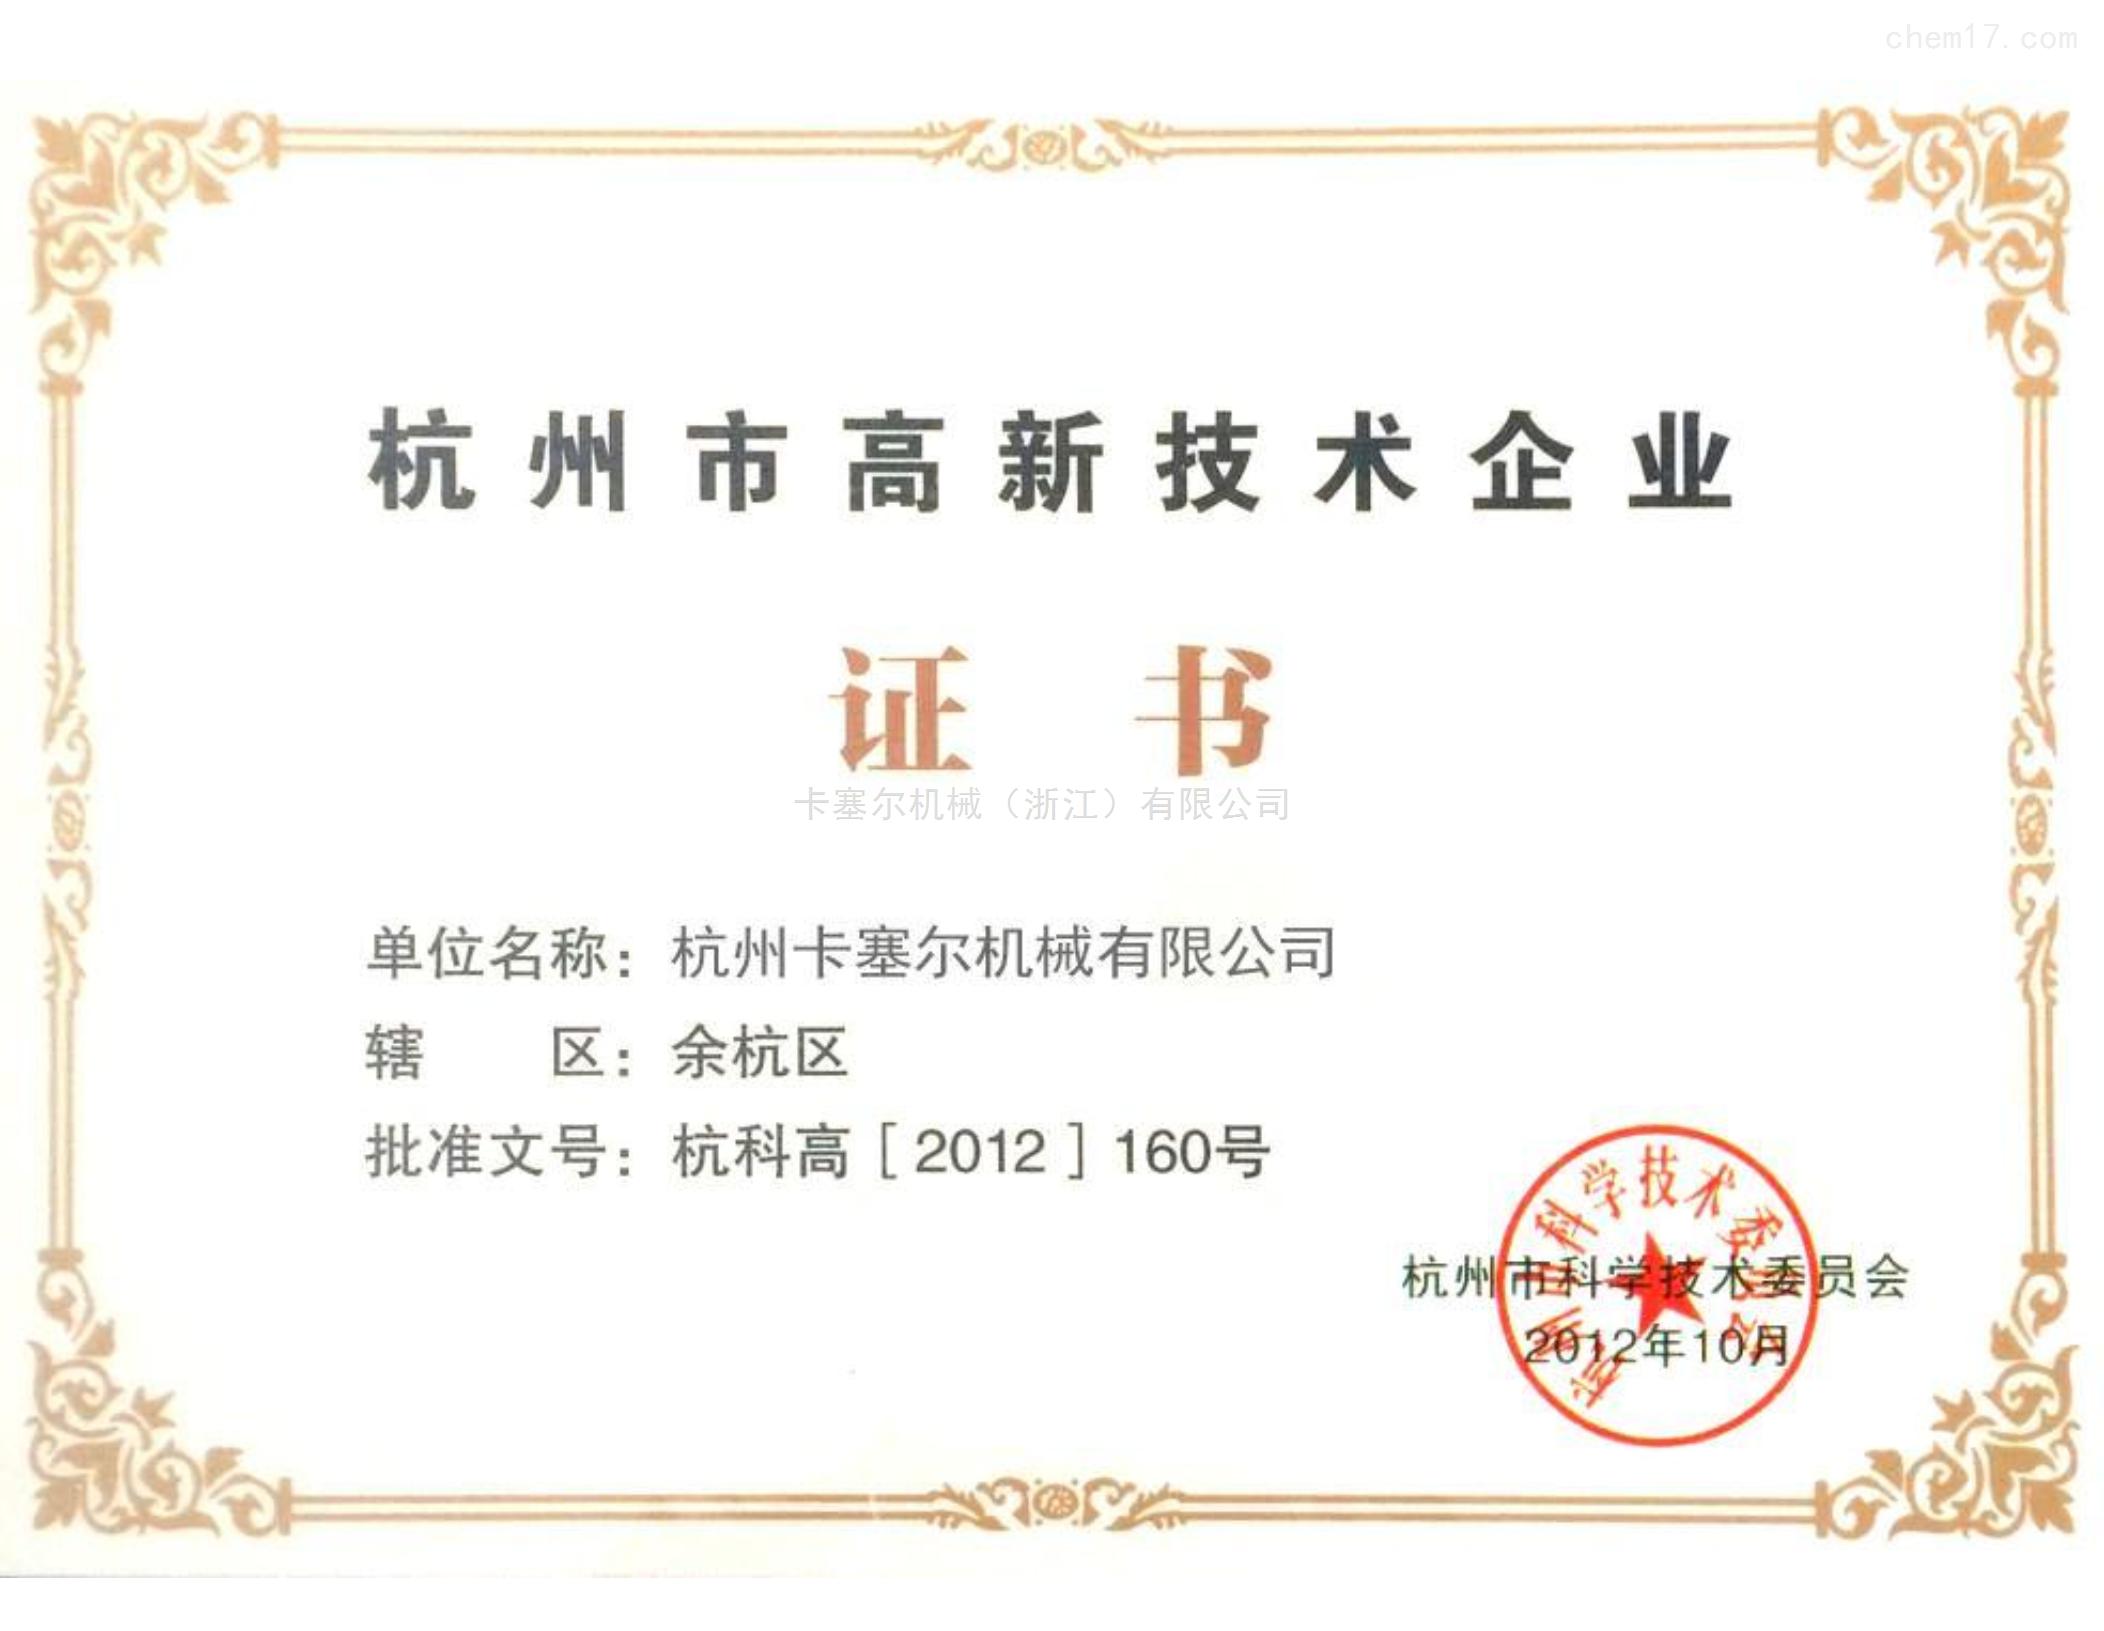 杭州市高新技术企业